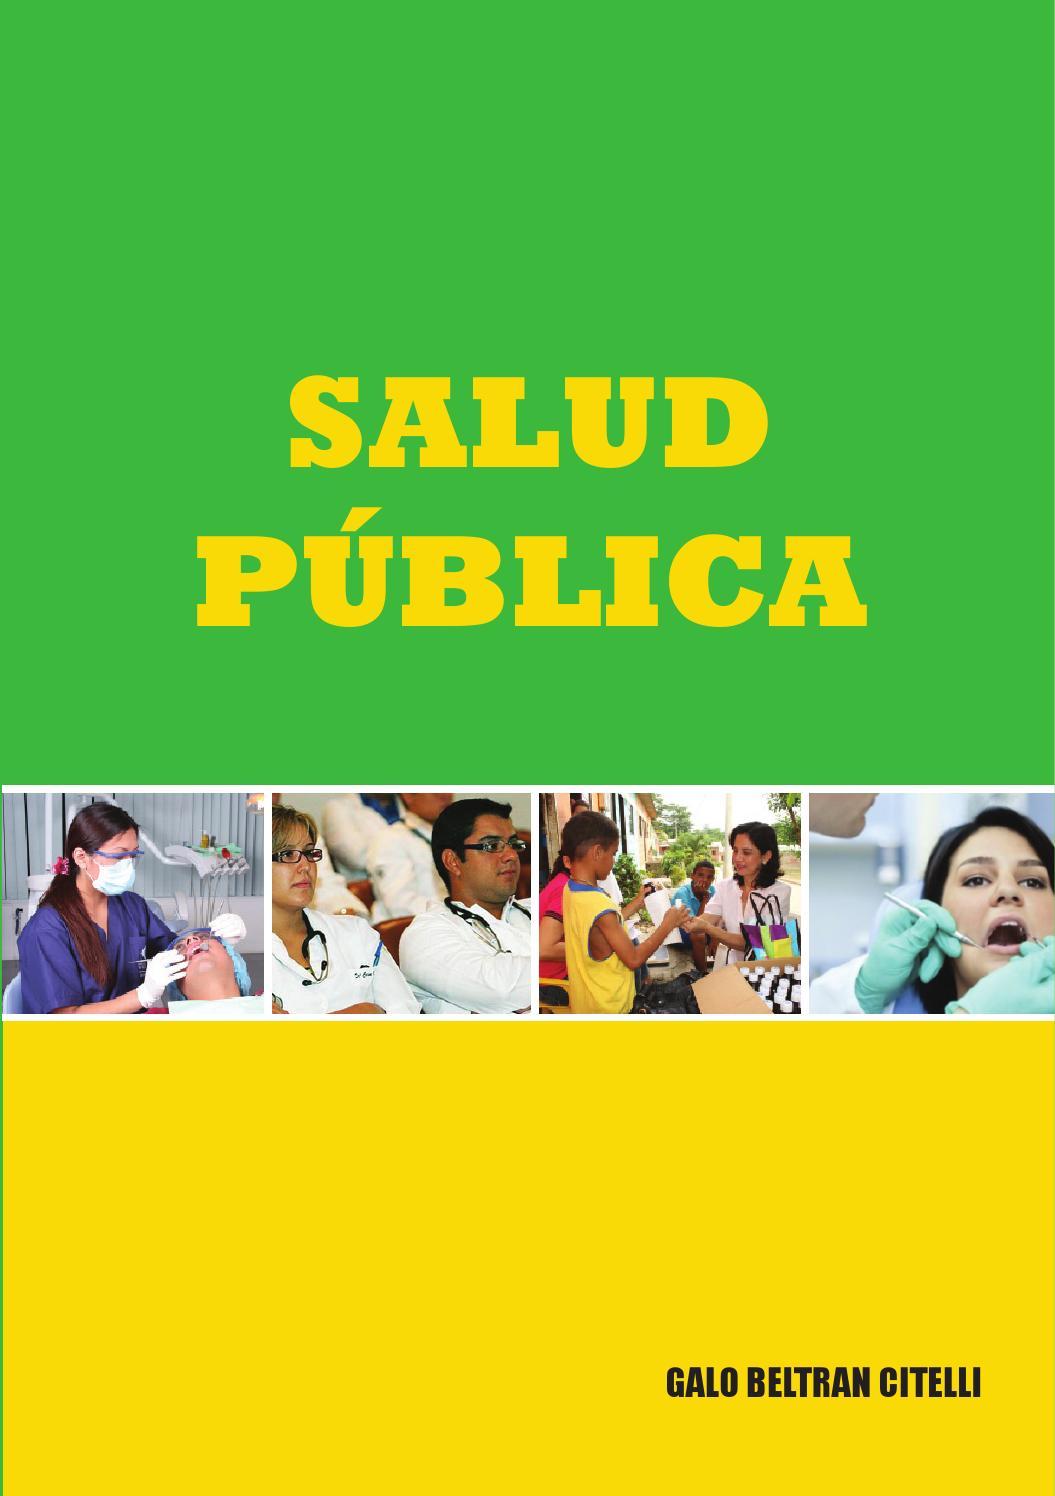 Libro salud publica by Viera  issuu